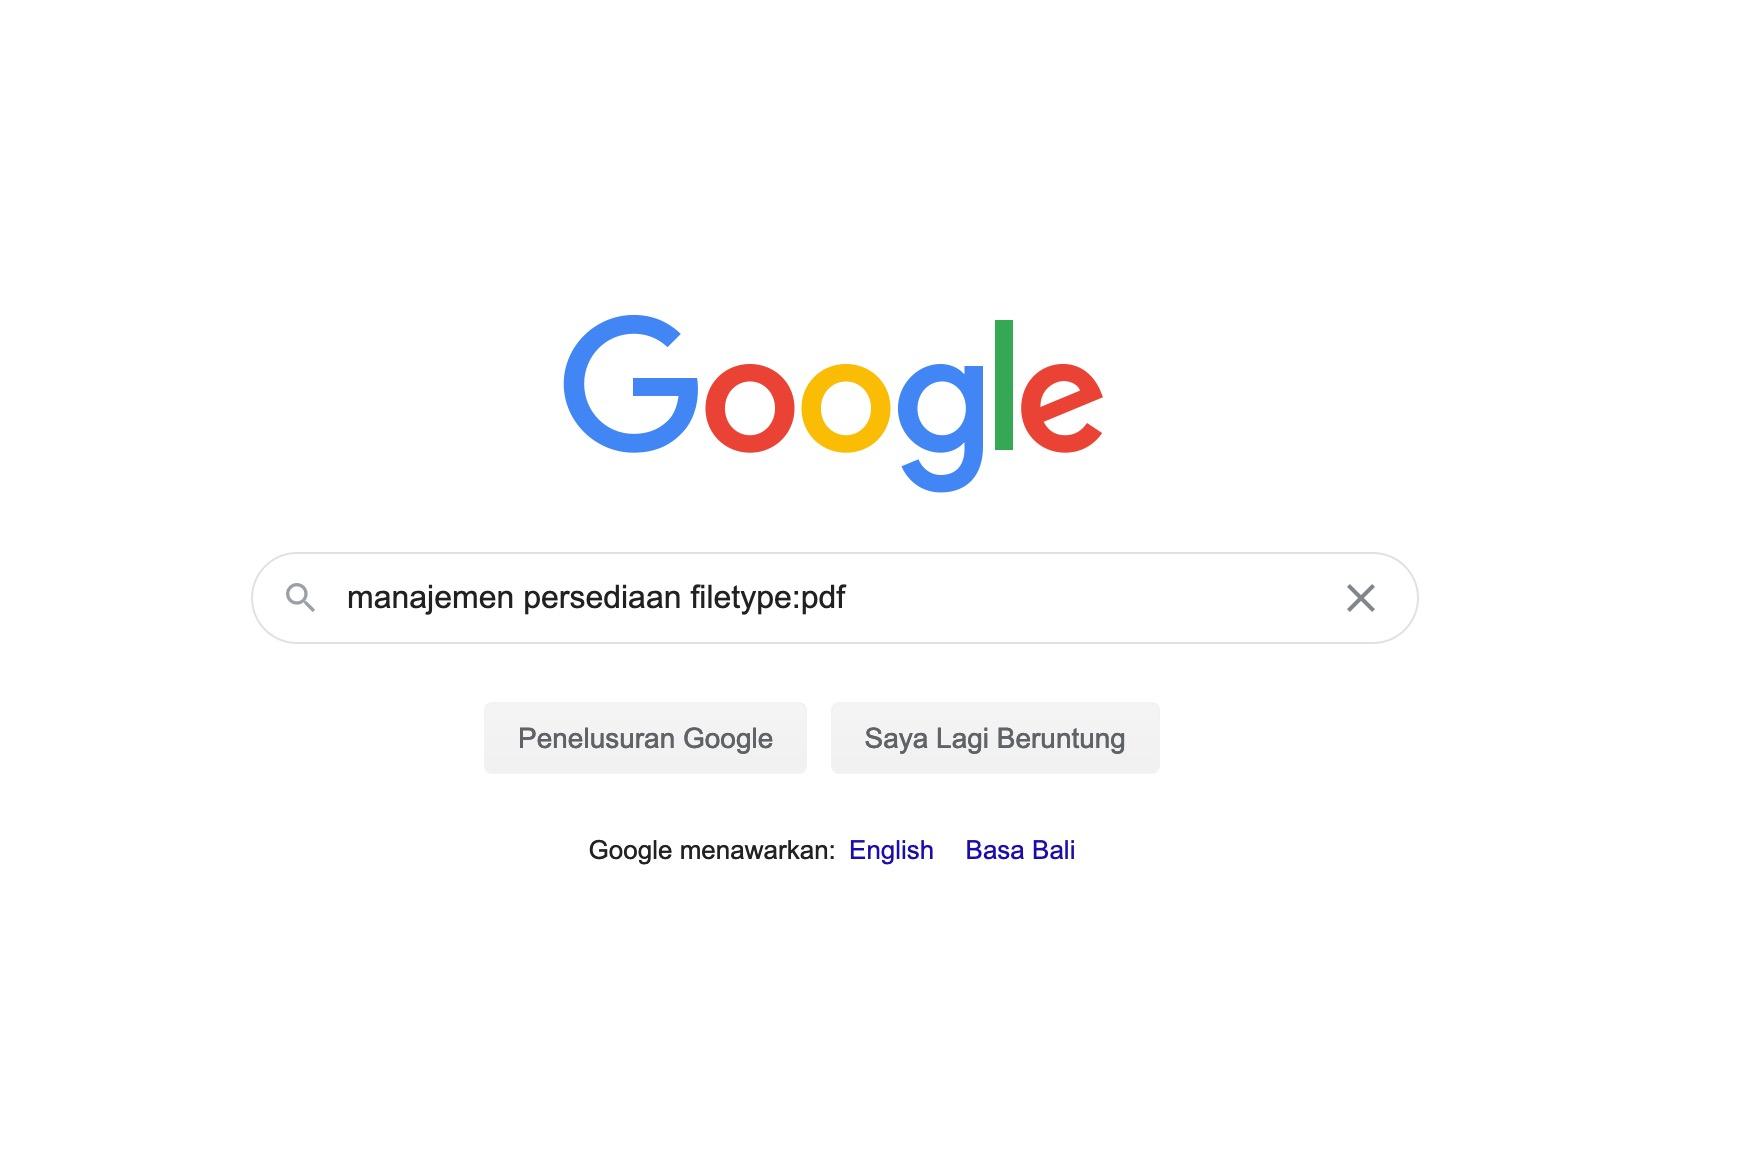 cara searching makalah manajemen persediaan